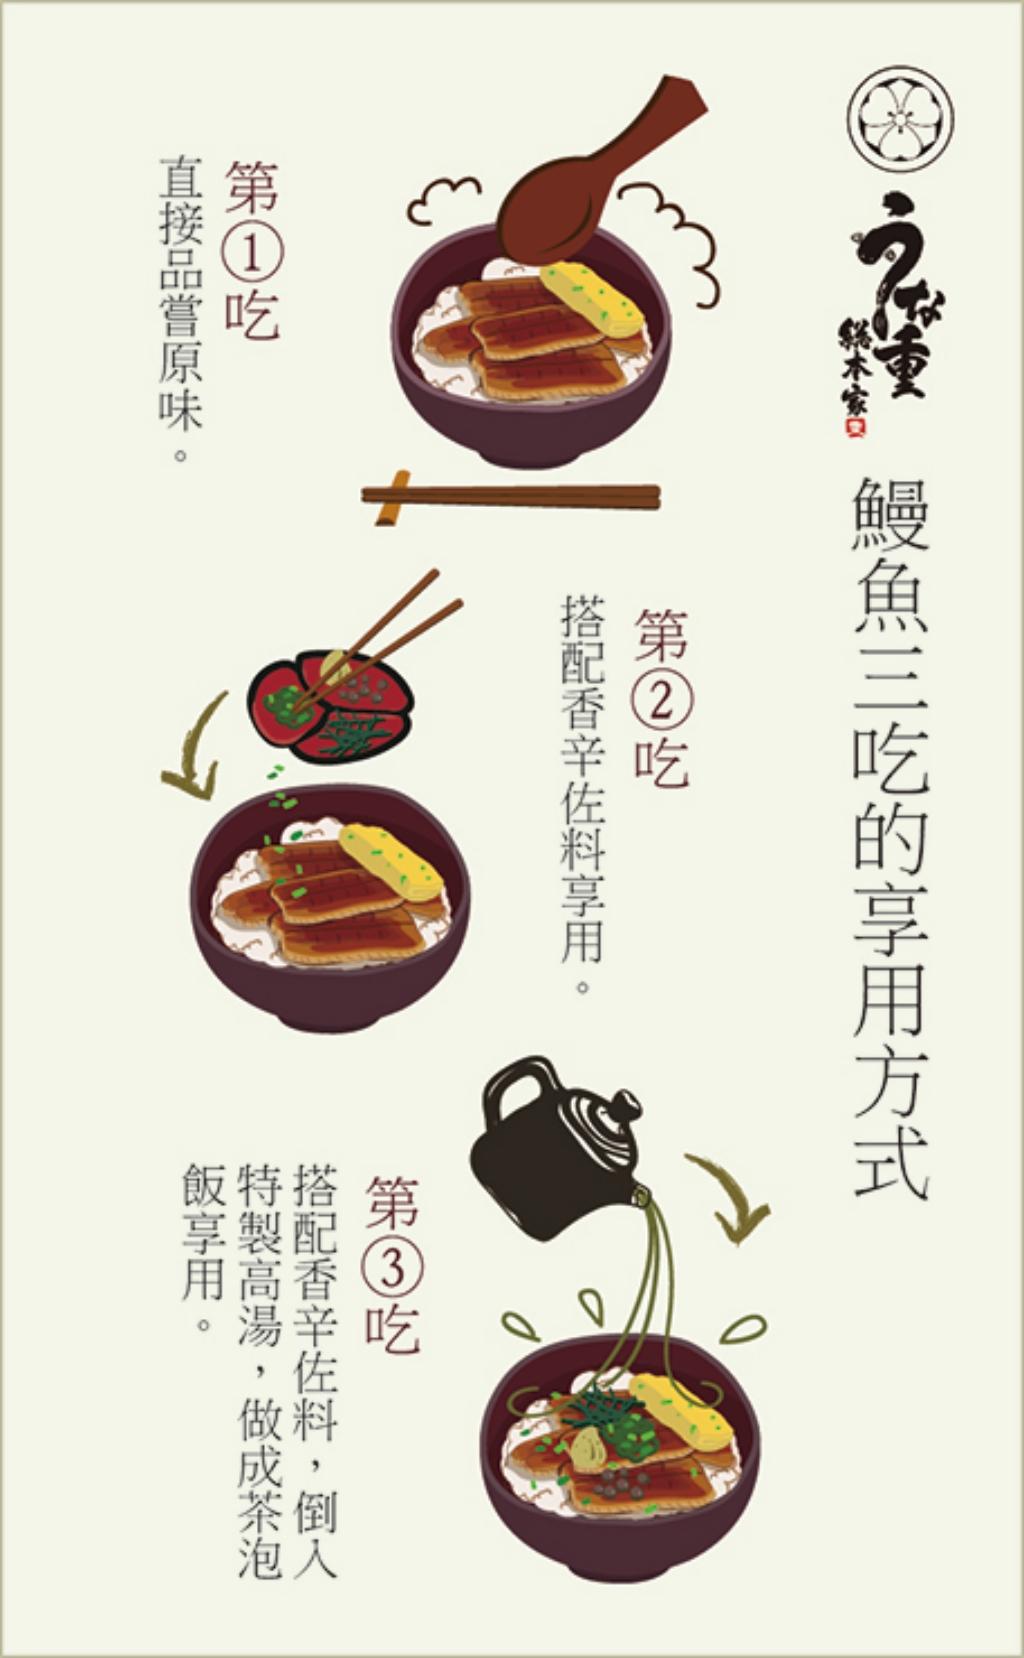 鰻魚三吃的享用方式 比例名片的尺寸